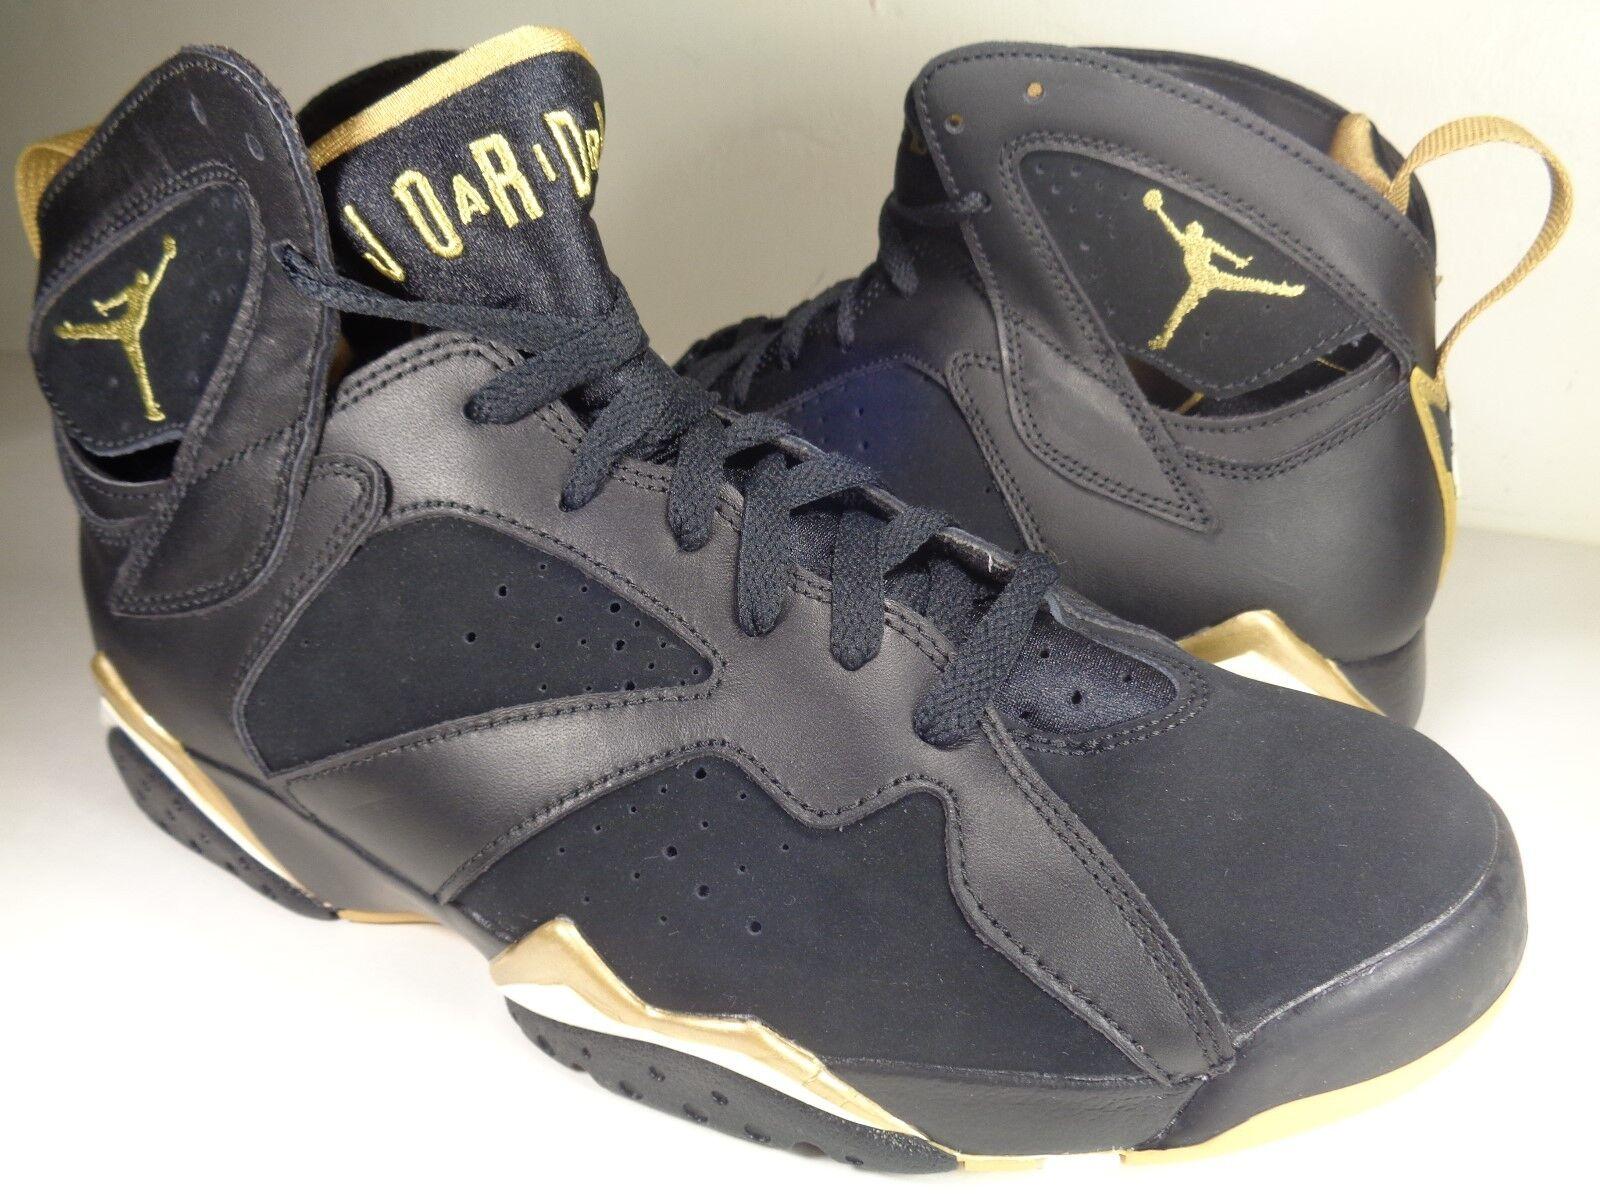 Nike Air Jordan Jordan Jordan VII 7 Retro GMP oroen Moment Pack nero SZ 9.5 (304775-030) f971d4